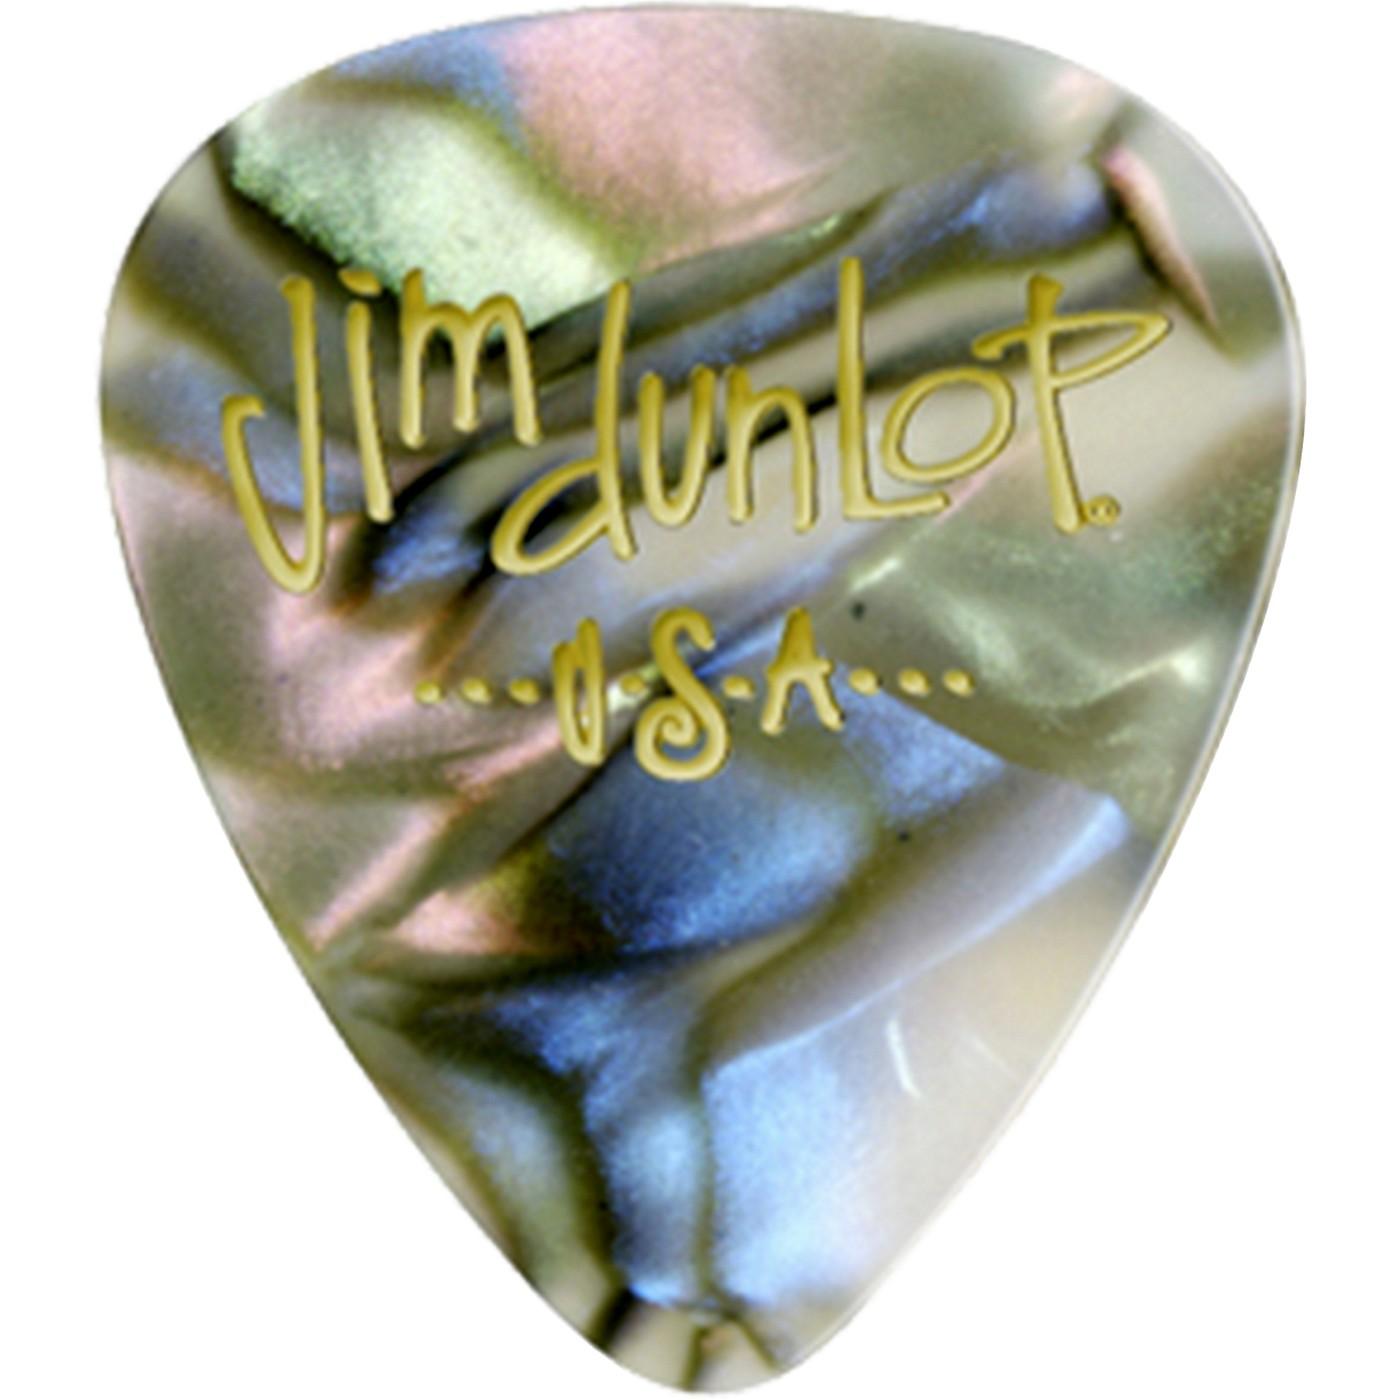 Dunlop Celluloid Classic Guitar Picks 1 Dozen thumbnail